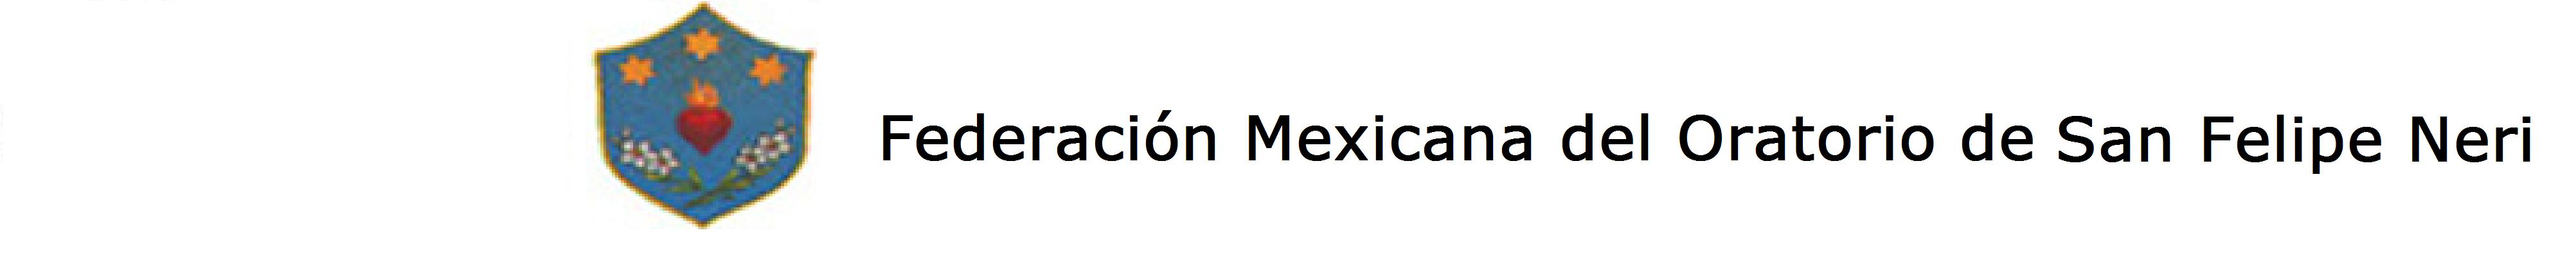 Federación Mexicana del Oratorio de San Felipe Neri